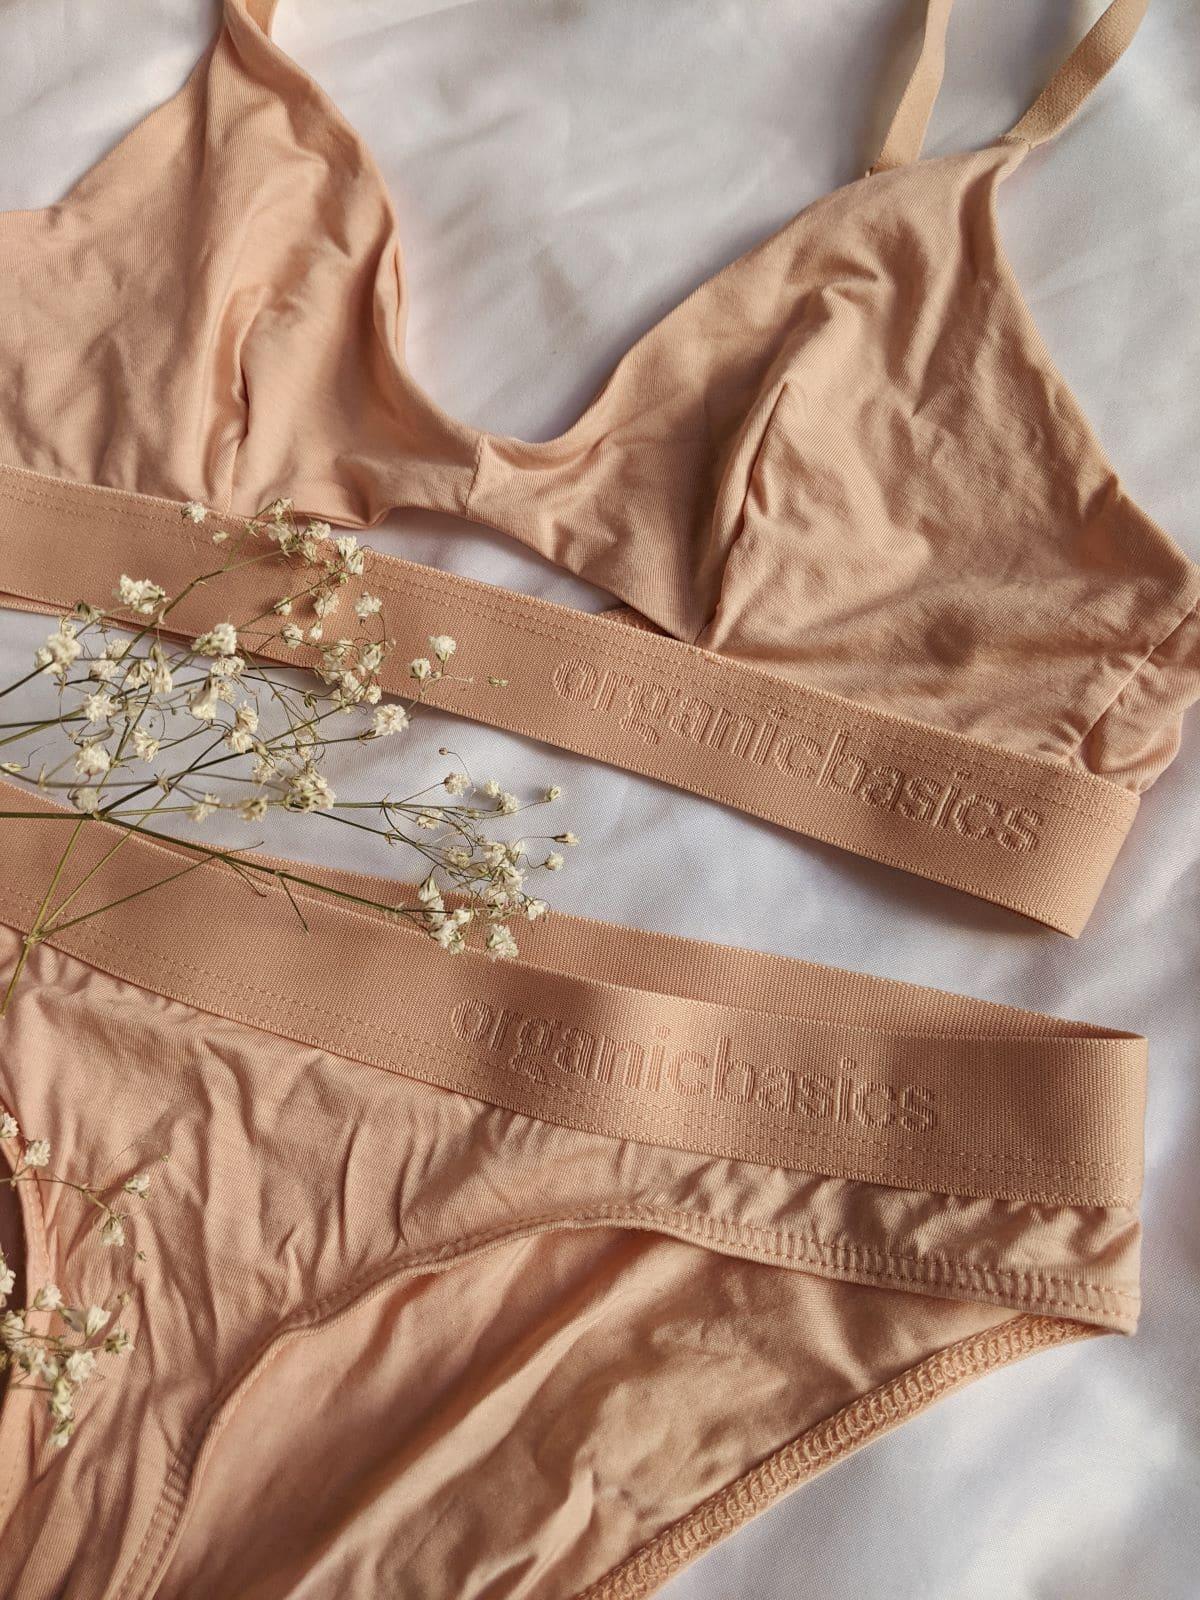 Closeup of the Organic Basics nude/rose Tencel set